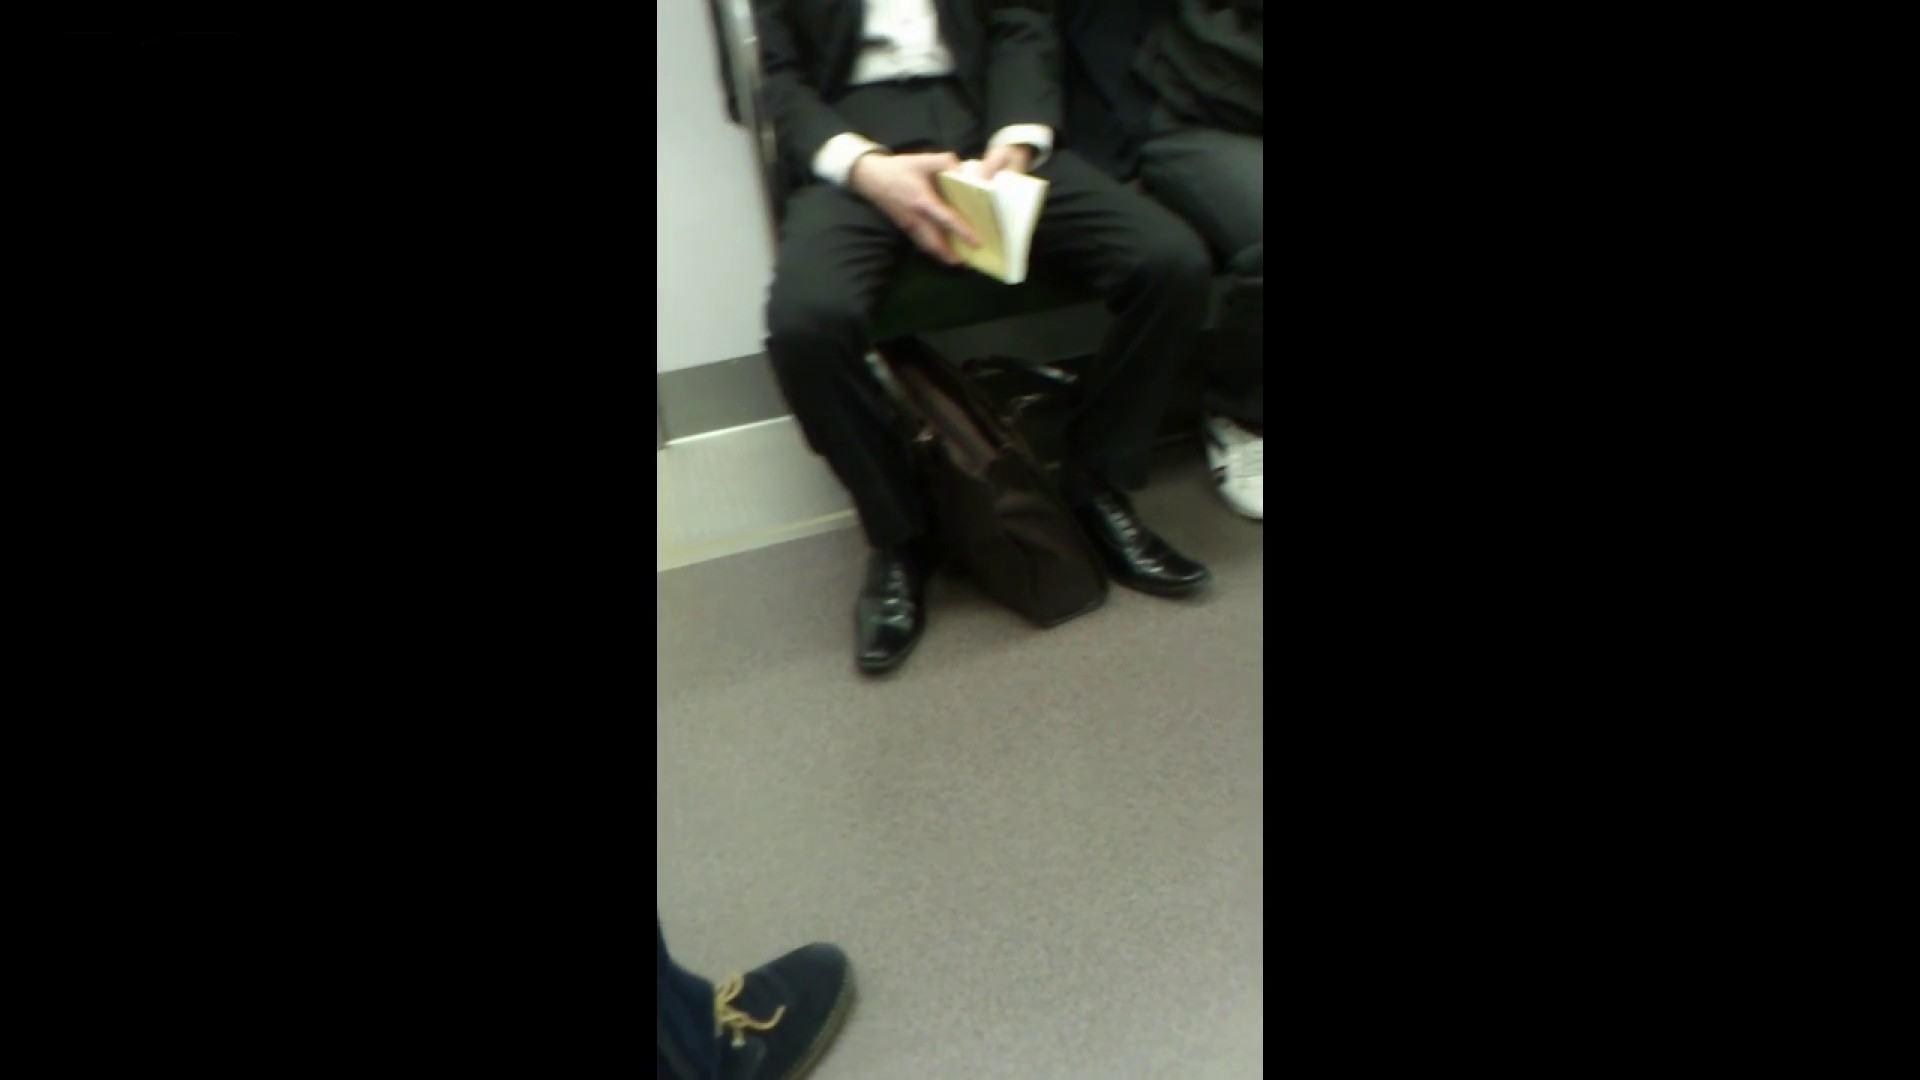 盗撮列車 Vol.55 黄色の爽やかなスカートが大好きです。 盗撮エロすぎ | OL  38連発 4